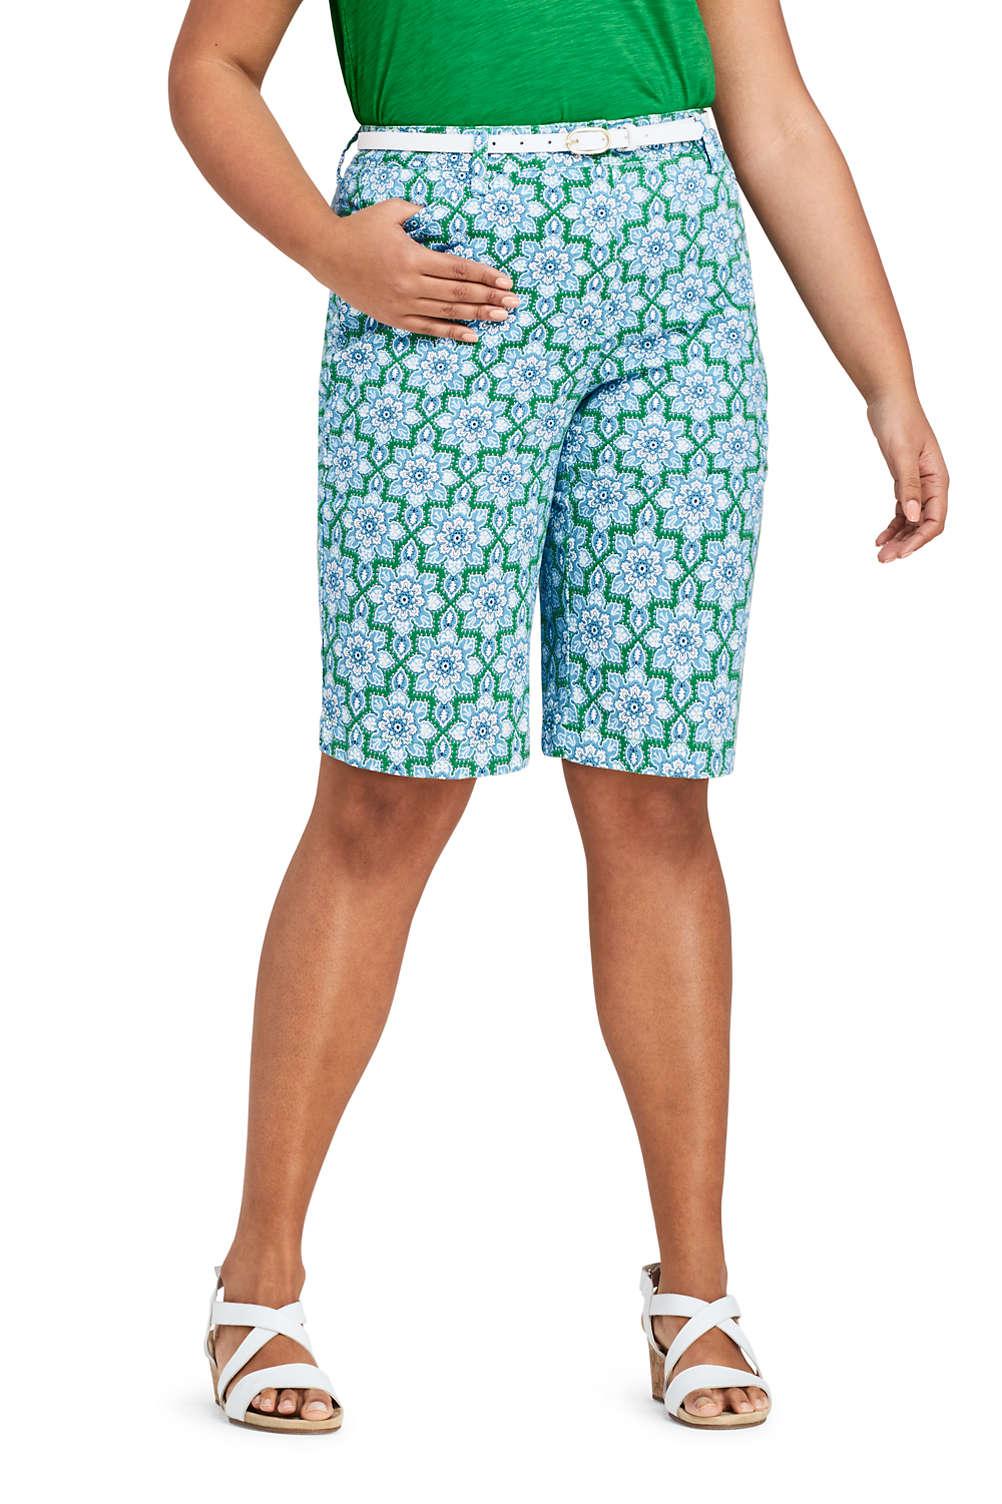 d7cc170b199 Women s Plus Size Chino 12